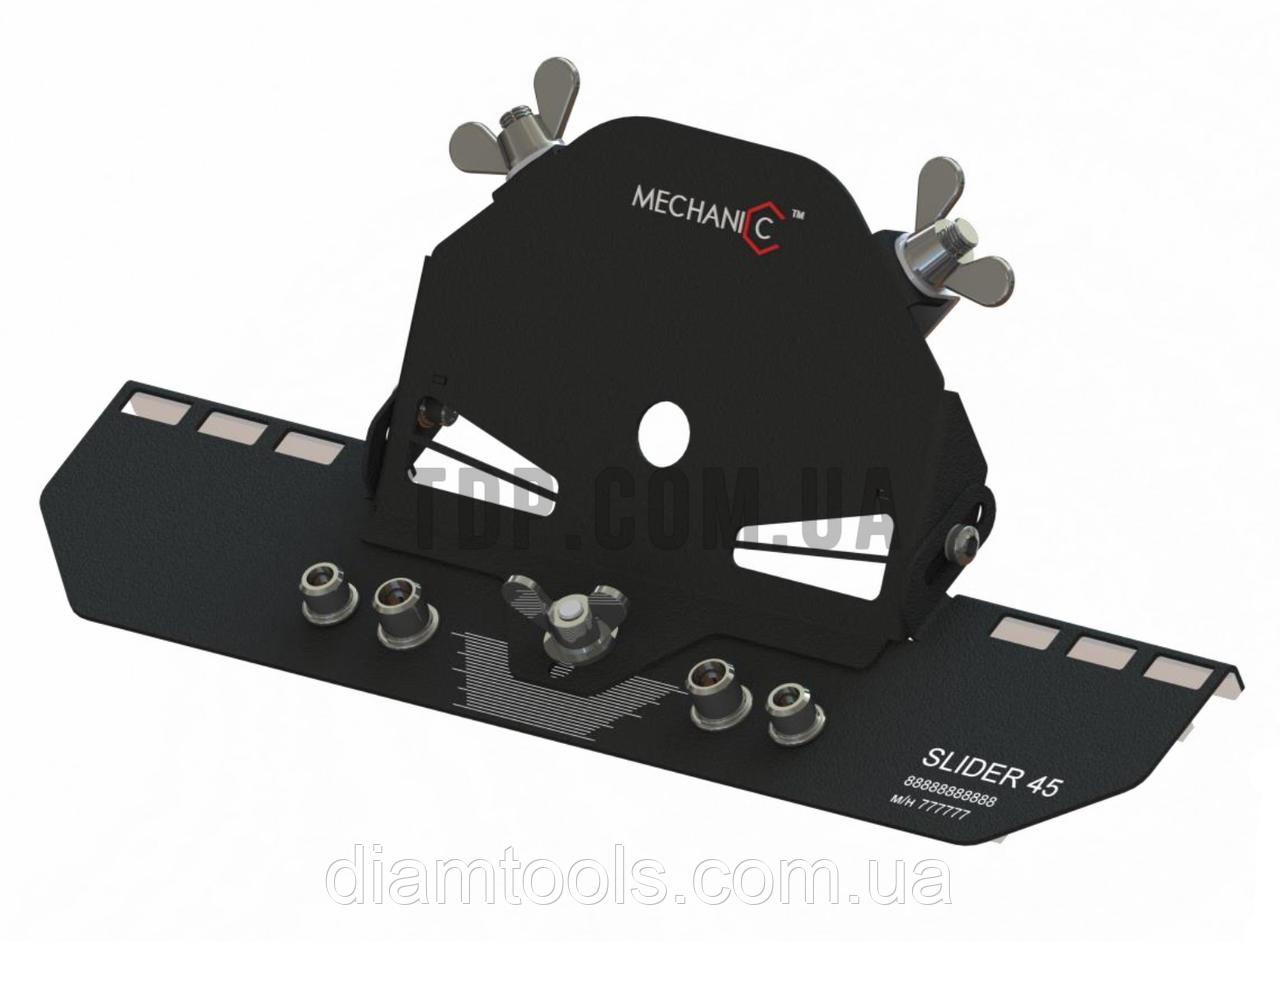 Насадка на УШМ Mechanic SLIDER 45* градусов для чистого реза (19568442012)